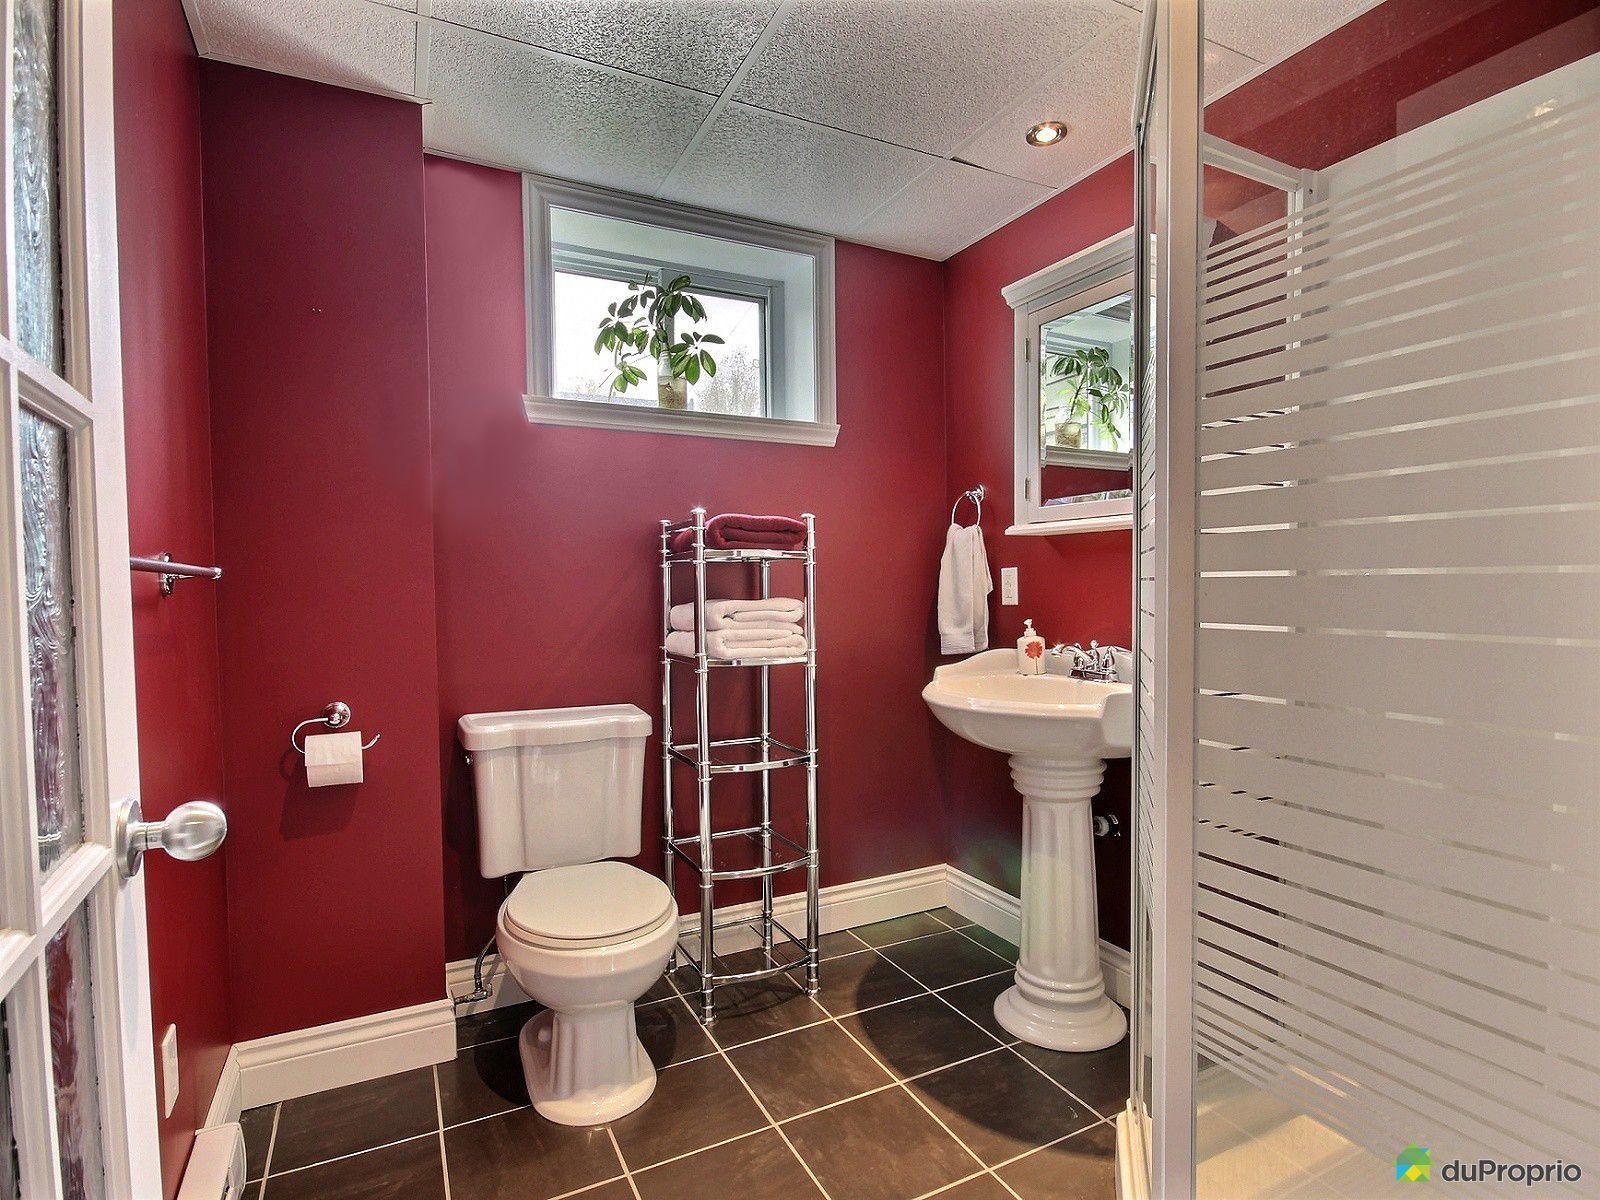 Maison vendu st r dempteur immobilier qu bec duproprio for Plomberie salle de bain au sous sol